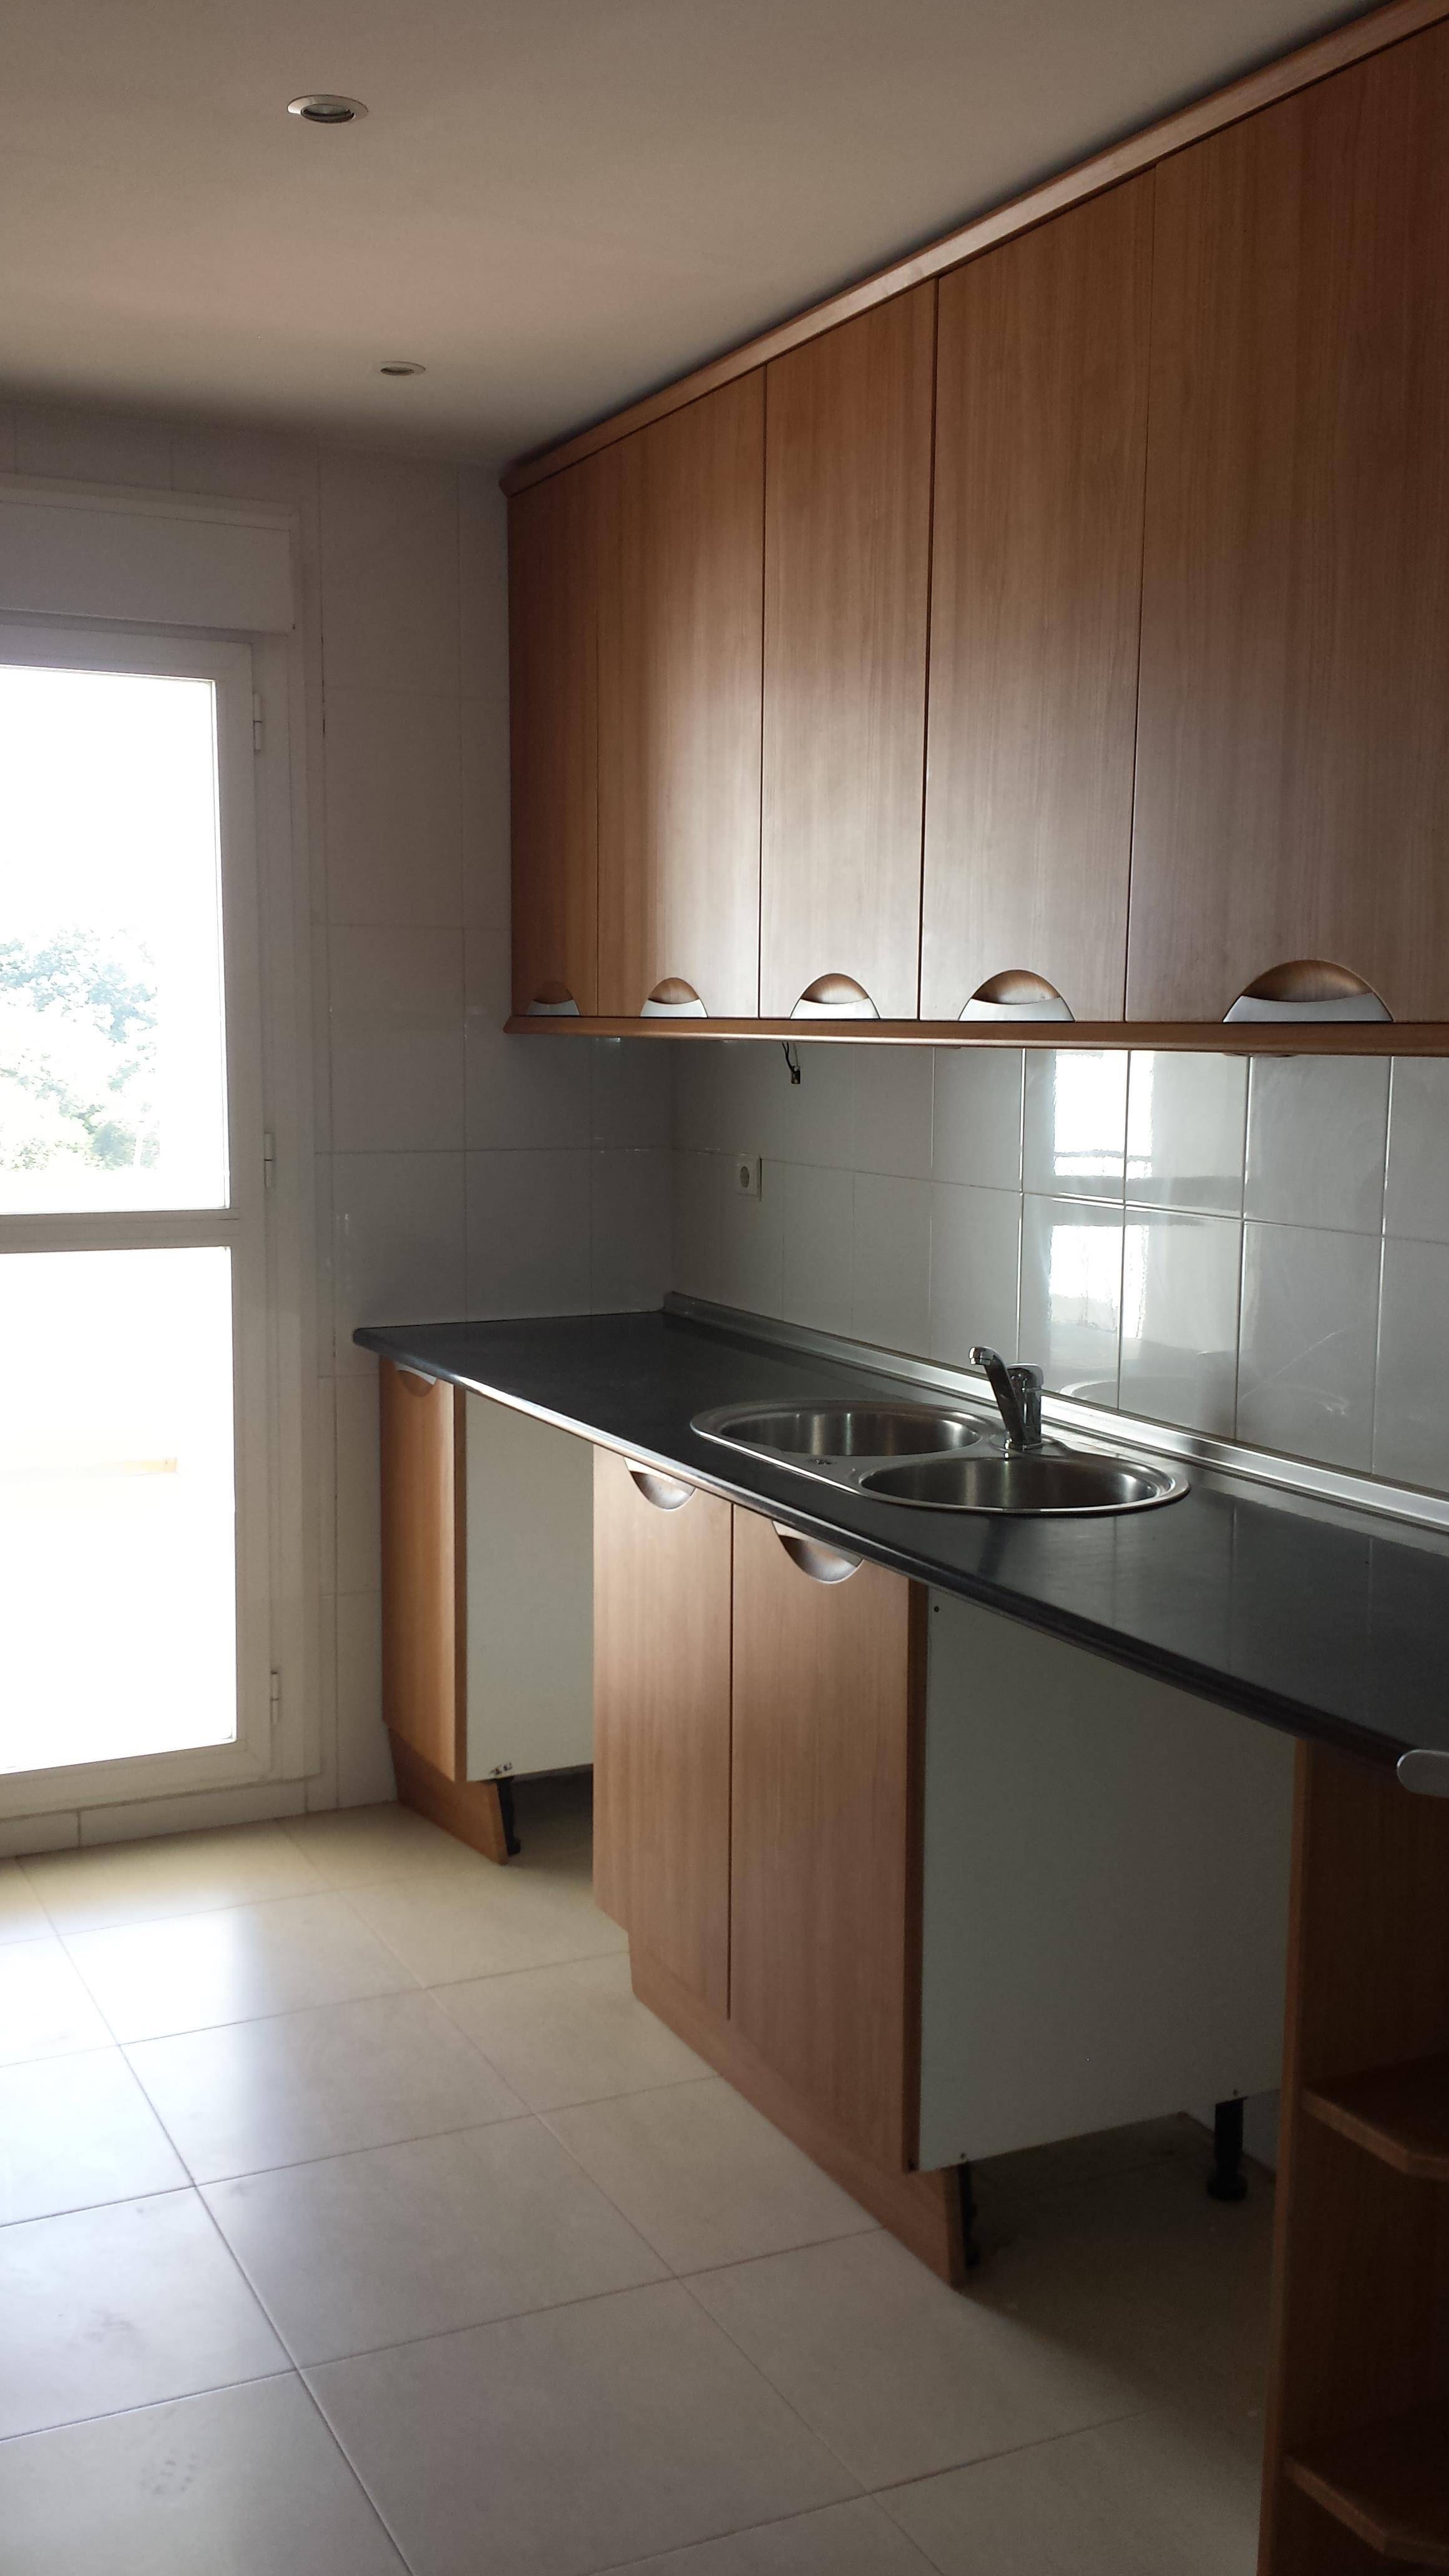 Piso en venta en Mijas, Málaga, Calle Jose Rivero, 162.000 €, 2 habitaciones, 2 baños, 121 m2